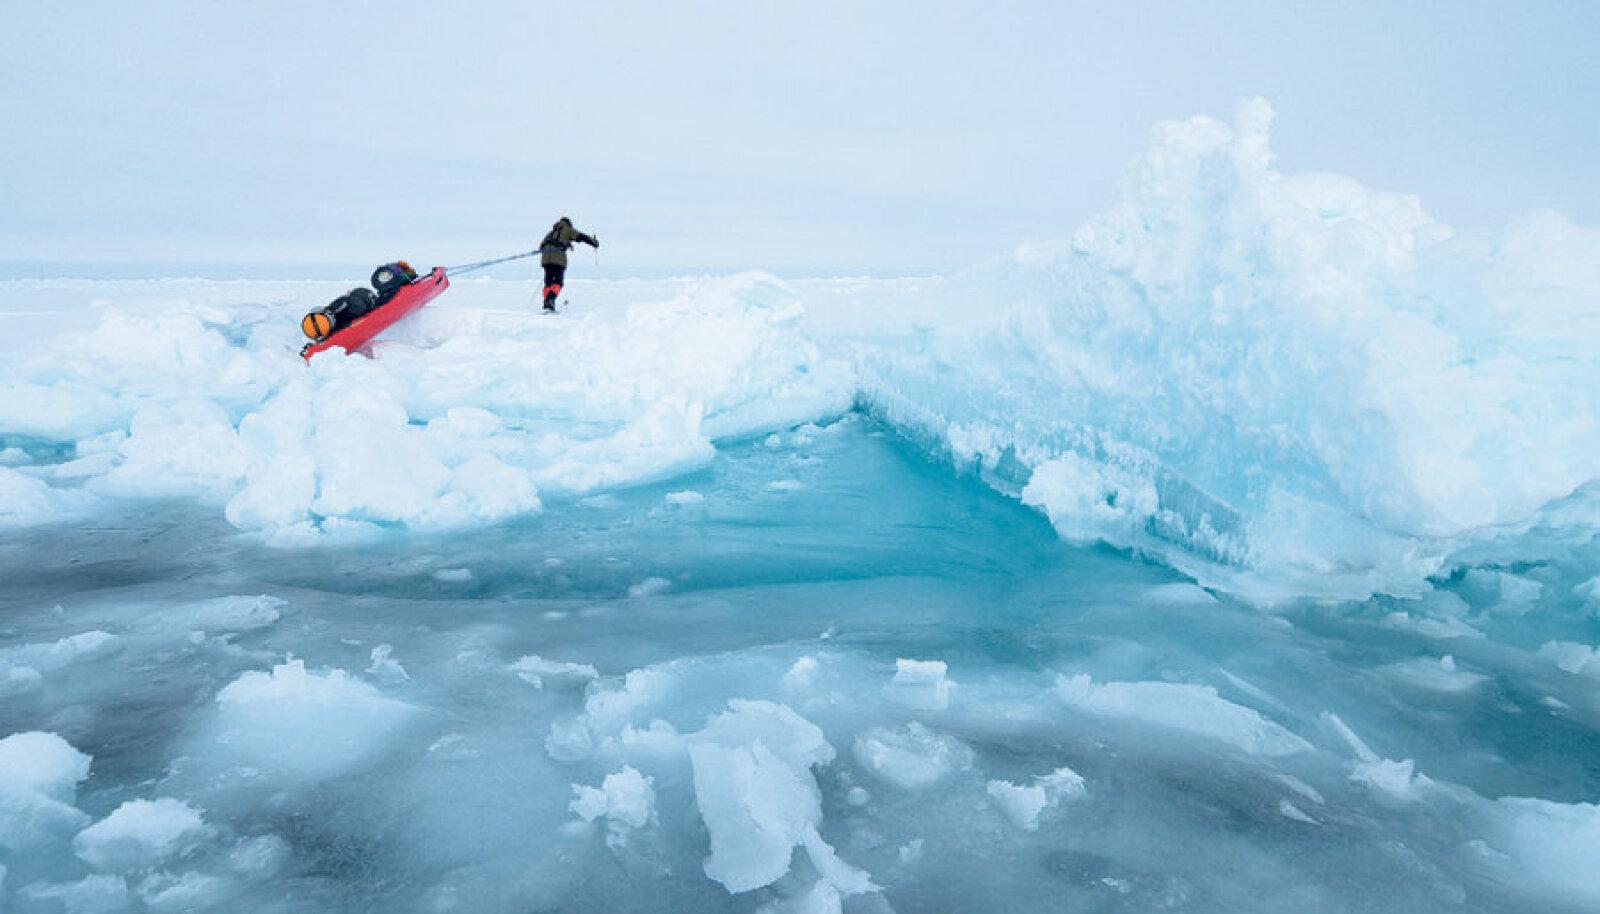 22. aprillist kuni 3. juulini 2012 tegid Timo Palo ja norralane Audun Tholfseni 1500 km pikkuse retke                       põhjapooluselt Teravmägede saarestikus asuvale Longyearbyenile.